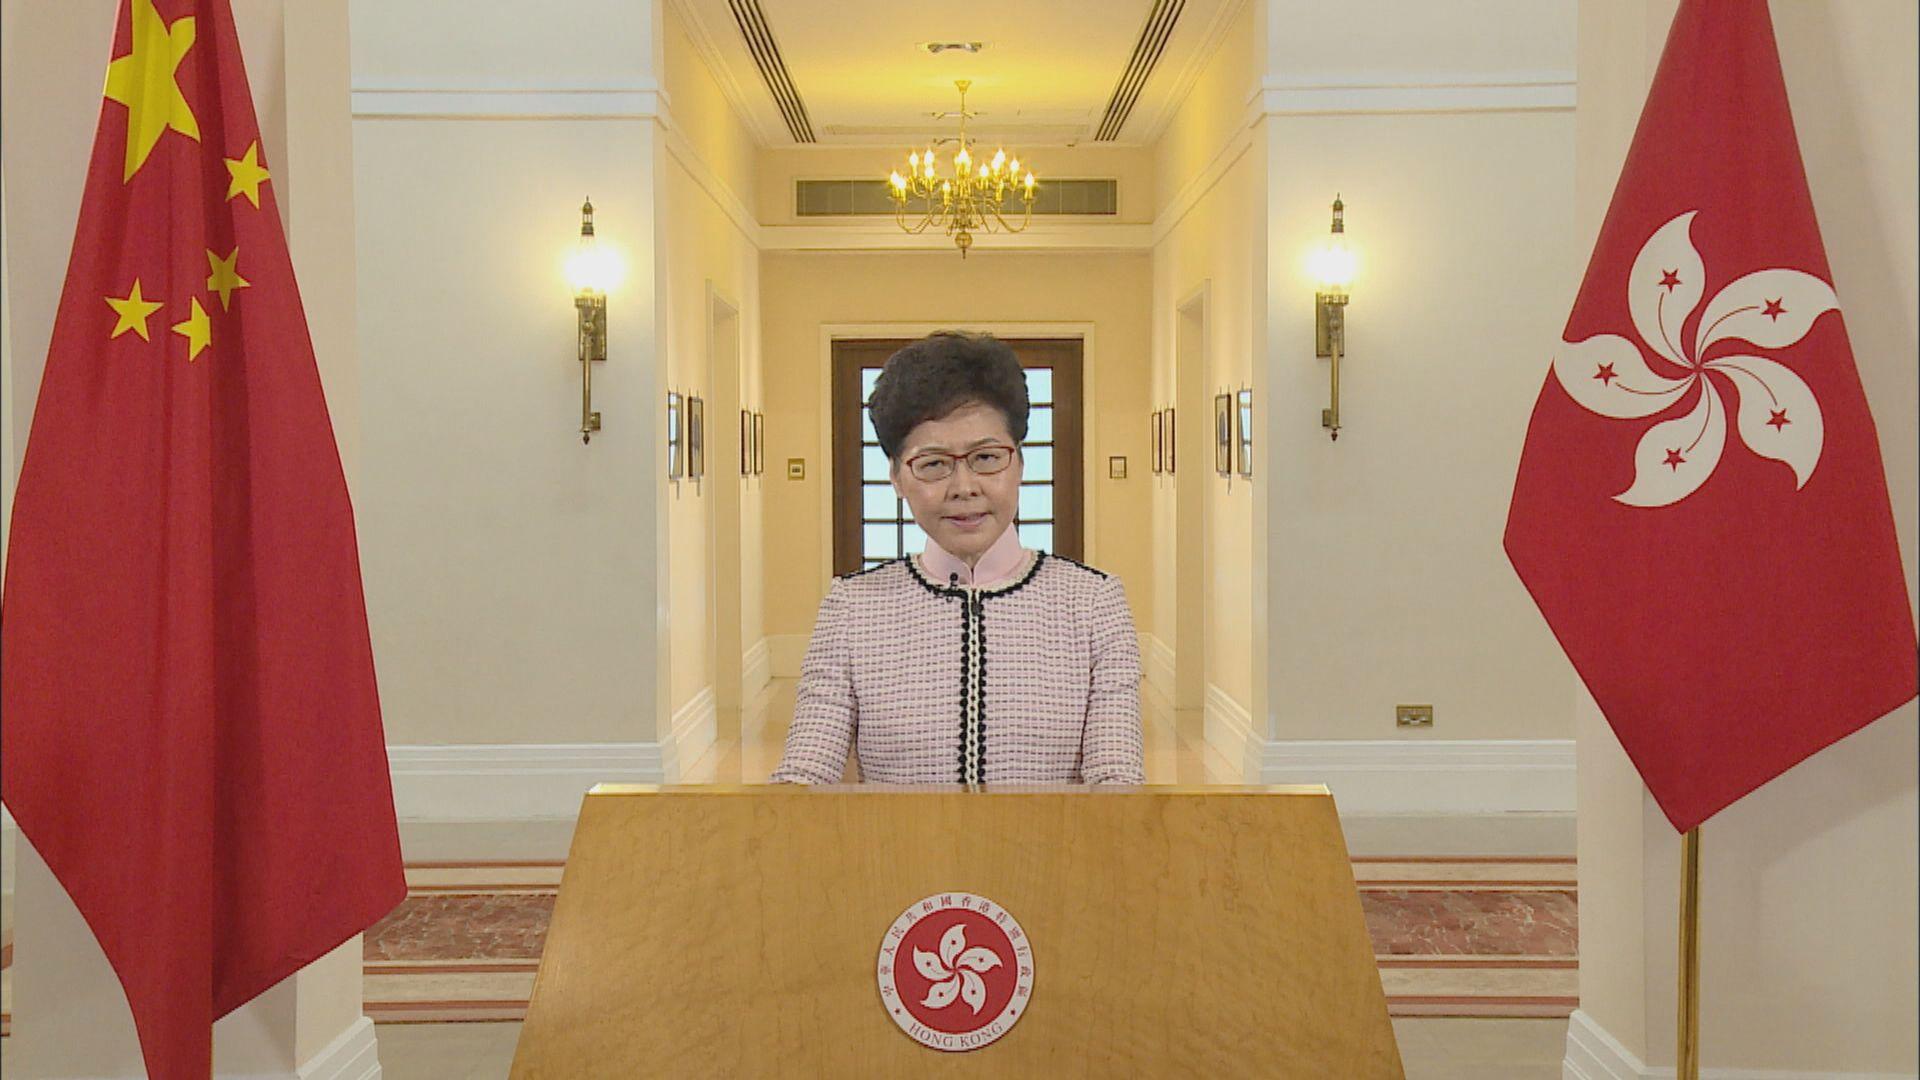 林鄭月娥:造成暴力衝突的責任在於暴徒